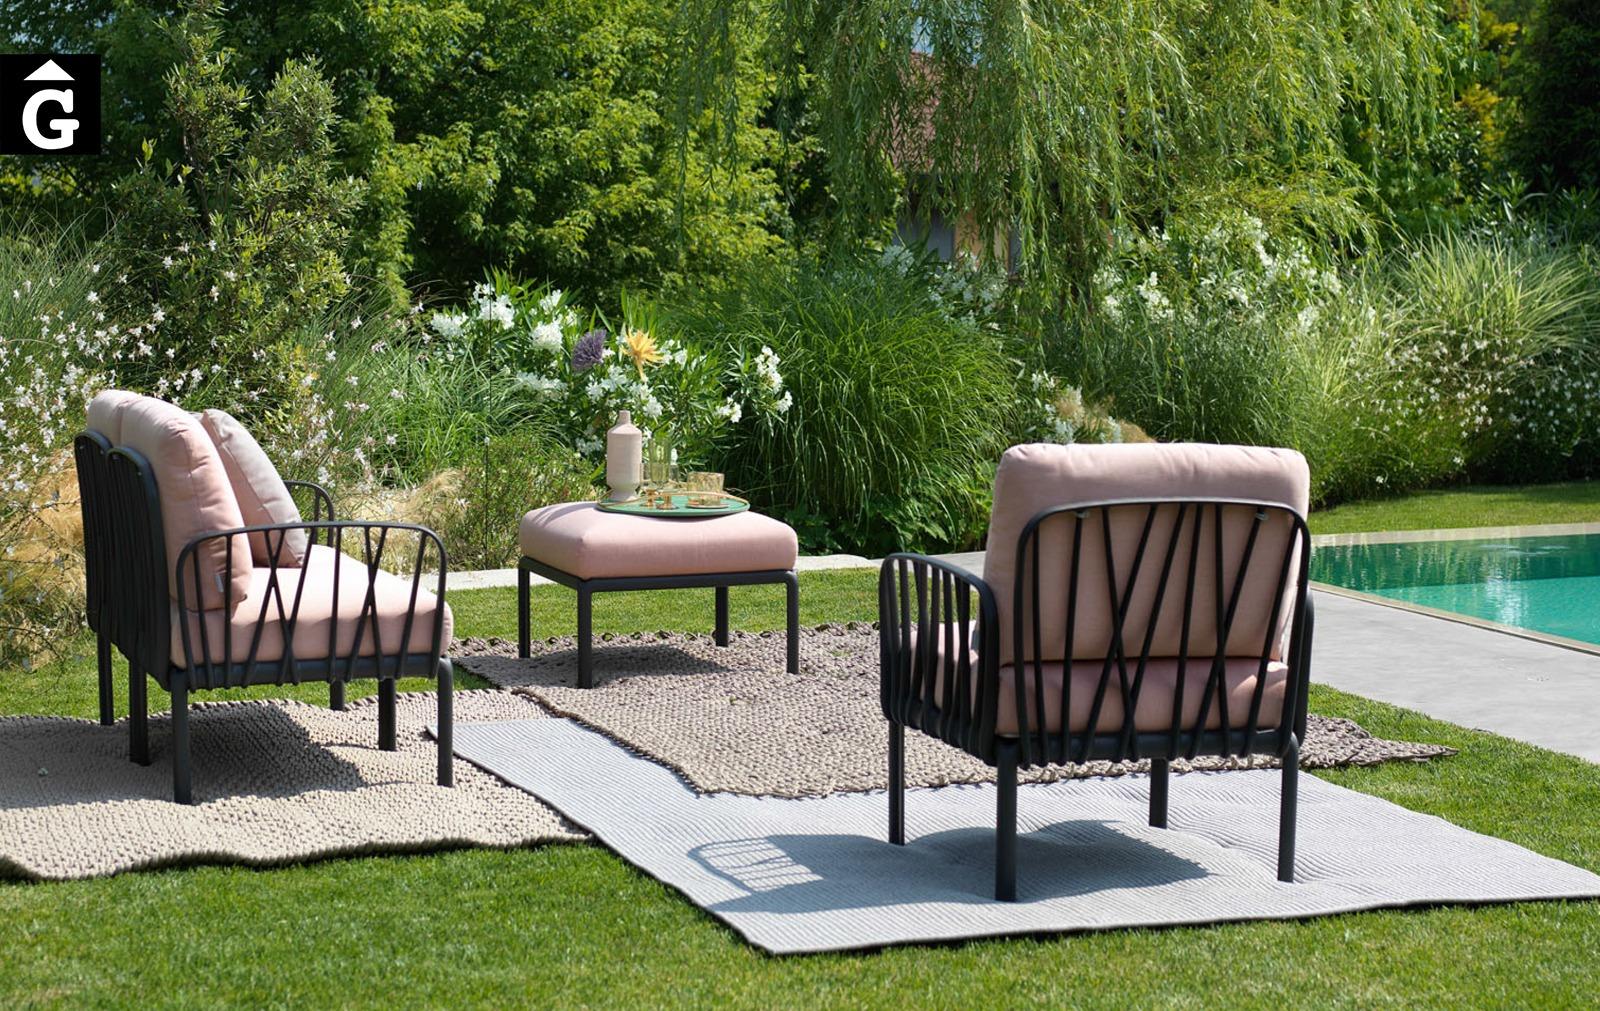 Butaques d'exterior Komodo | Premi Good Design Xicago 2019 i Premi Nardi German Design Award winner 2020| mobiliari d'exterior amb disseny i a preus excel·lnts